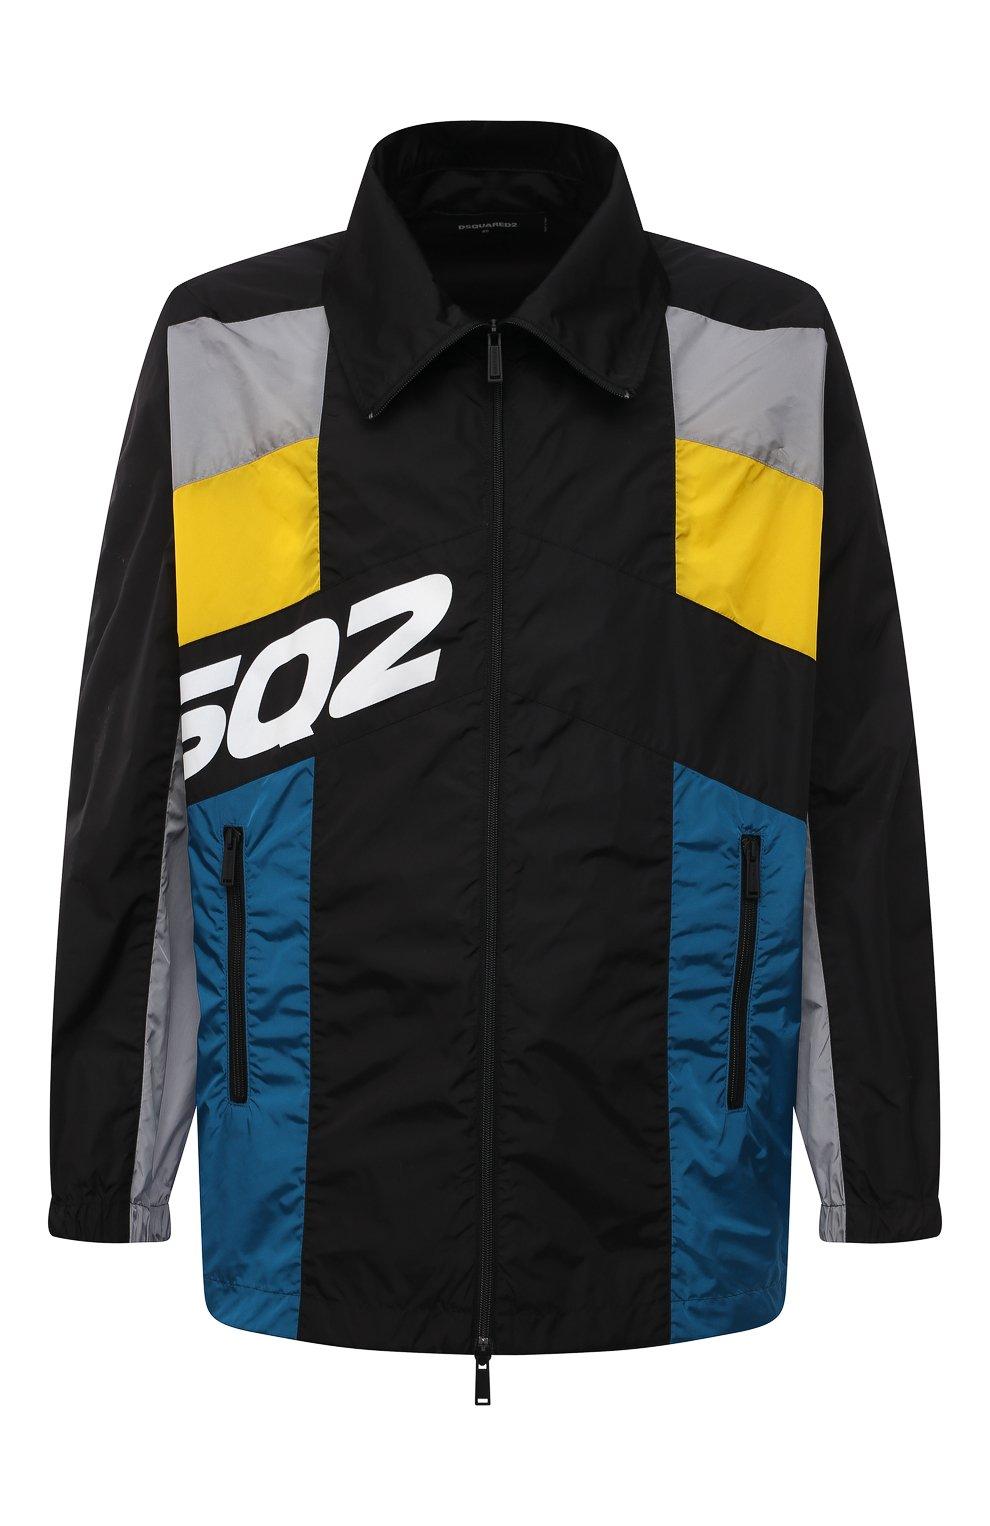 Мужская куртка DSQUARED2 разноцветного цвета, арт. S74AM1132/S49197 | Фото 1 (Кросс-КТ: Куртка, Ветровка; Рукава: Длинные; Длина (верхняя одежда): До середины бедра; Материал внешний: Синтетический материал; Стили: Гранж, Спорт-шик)